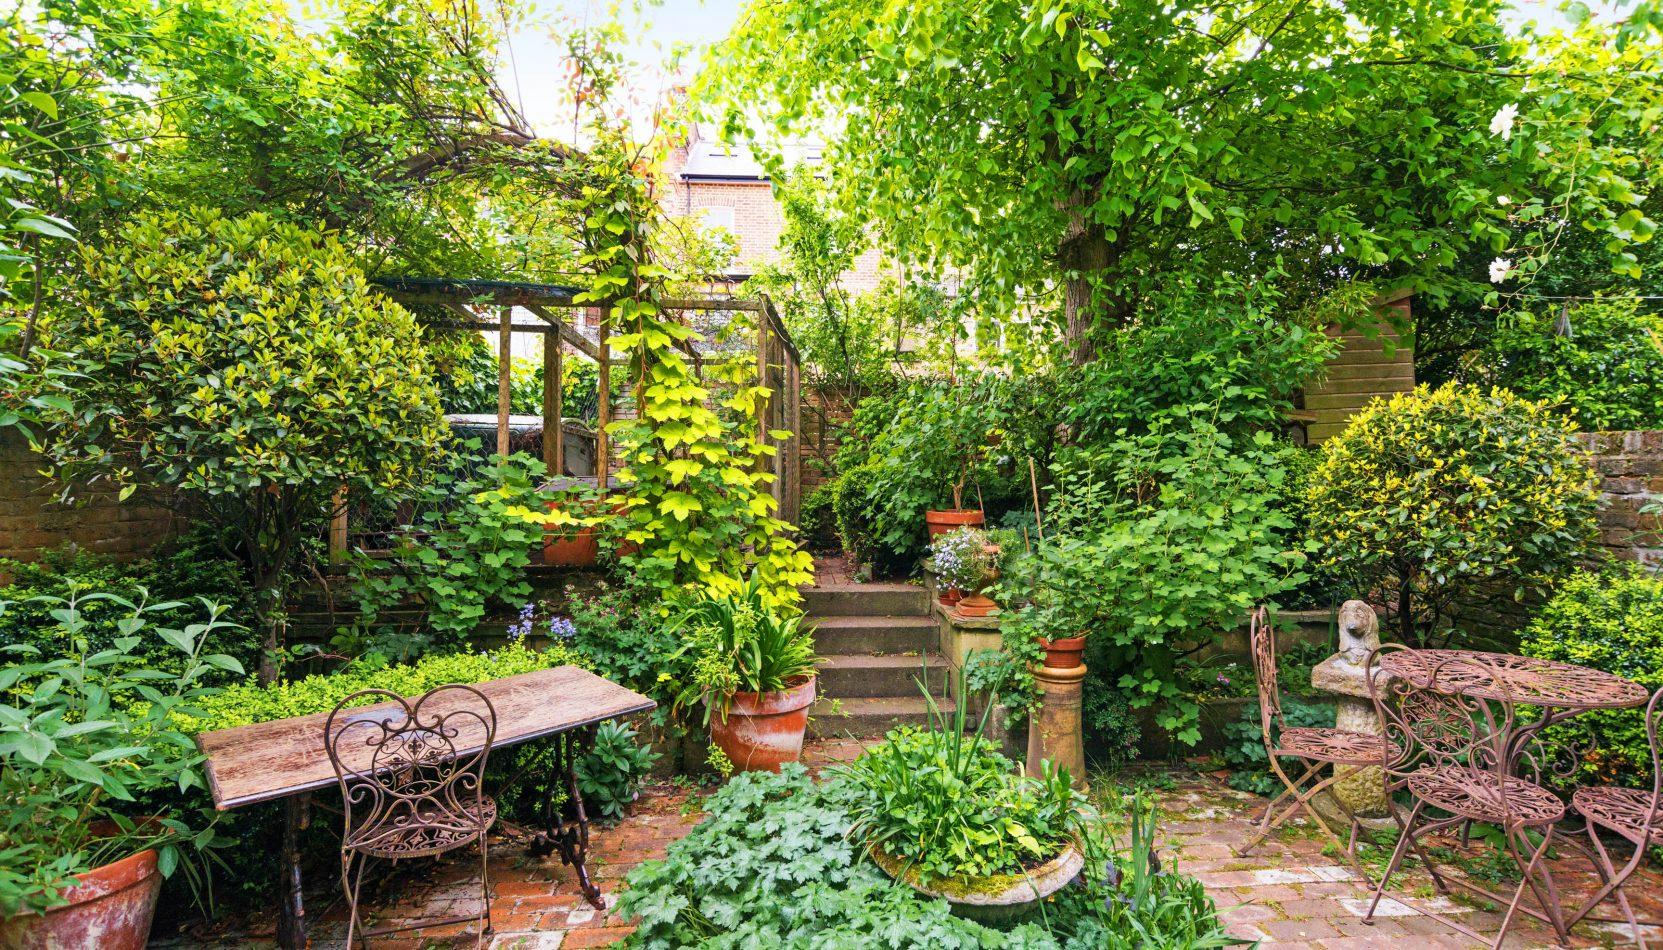 City gardens - Move To